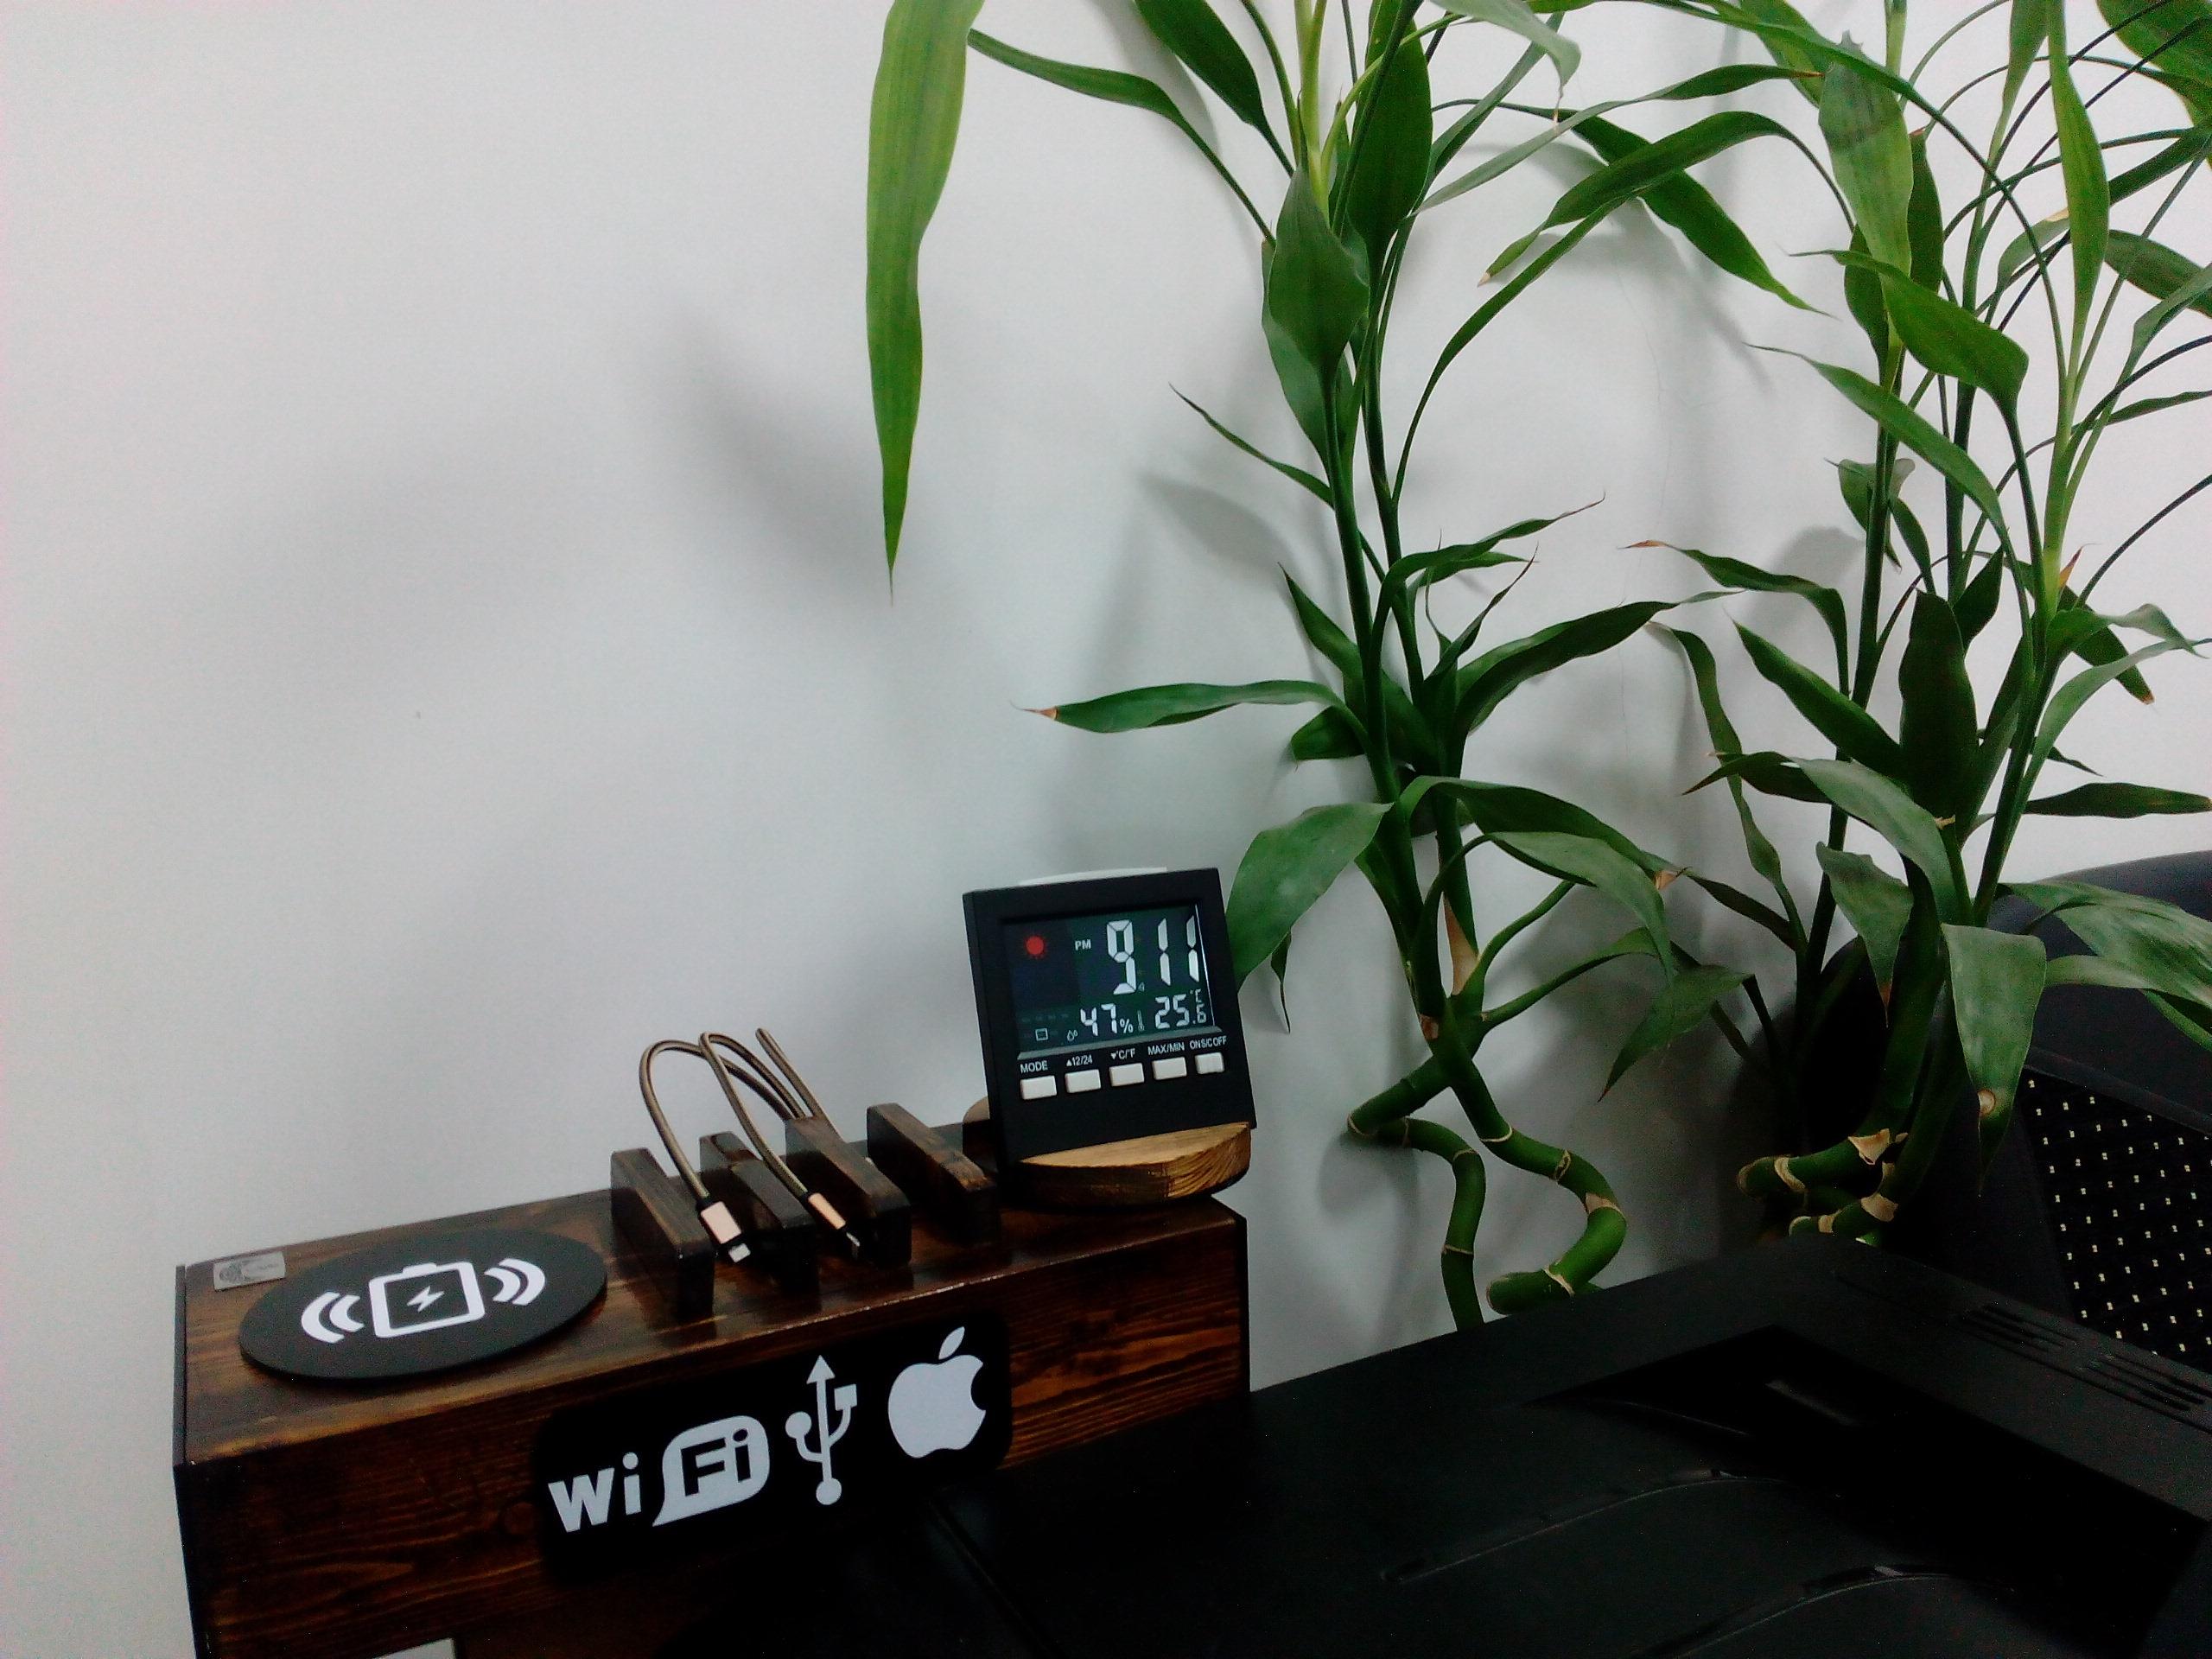 ایستگاه شارژ موبایل و تبلت مدل per01 دستگاه شارژ شخصی است که از ترکیب چوب و پلکسی ساخته شده است و دارای فست شارژر و شارژر وایرلس می باشد ضمن اینکه دارای ساعت چرخان مجهز به دماسنج و رطوبت سنج است این دستگاه بسیار کاربردی بوده و برای اتاق کار و اتاق خواب بسیار مناسب است. به همراه دستگاه یک عدد سیم کابل تبدیل USB-C به لایتنینگ و microUSB به طول 1.20 متر ارسال می گردد.